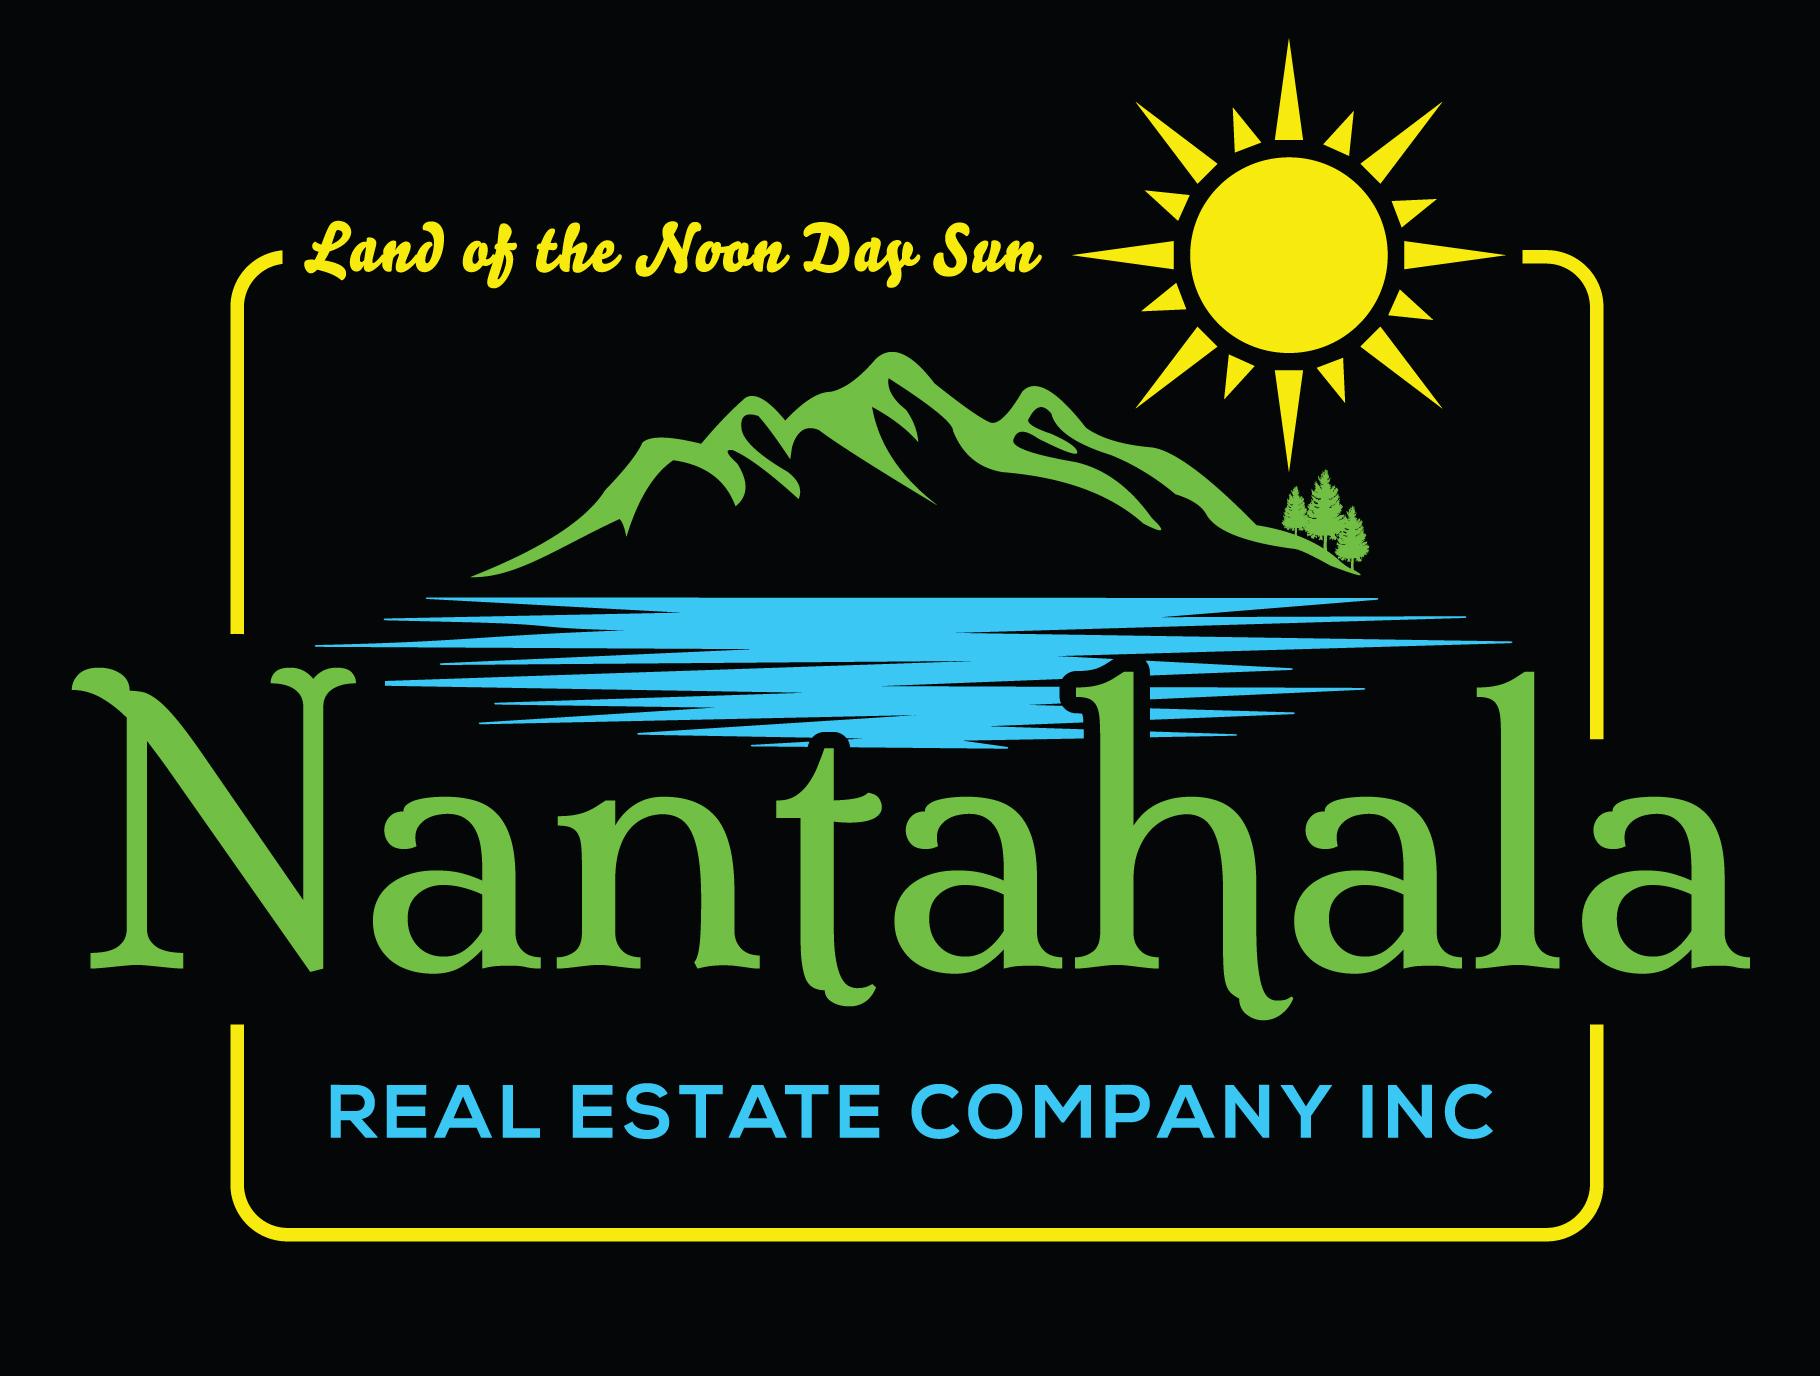 Nantahala Real Estate Company Inc.